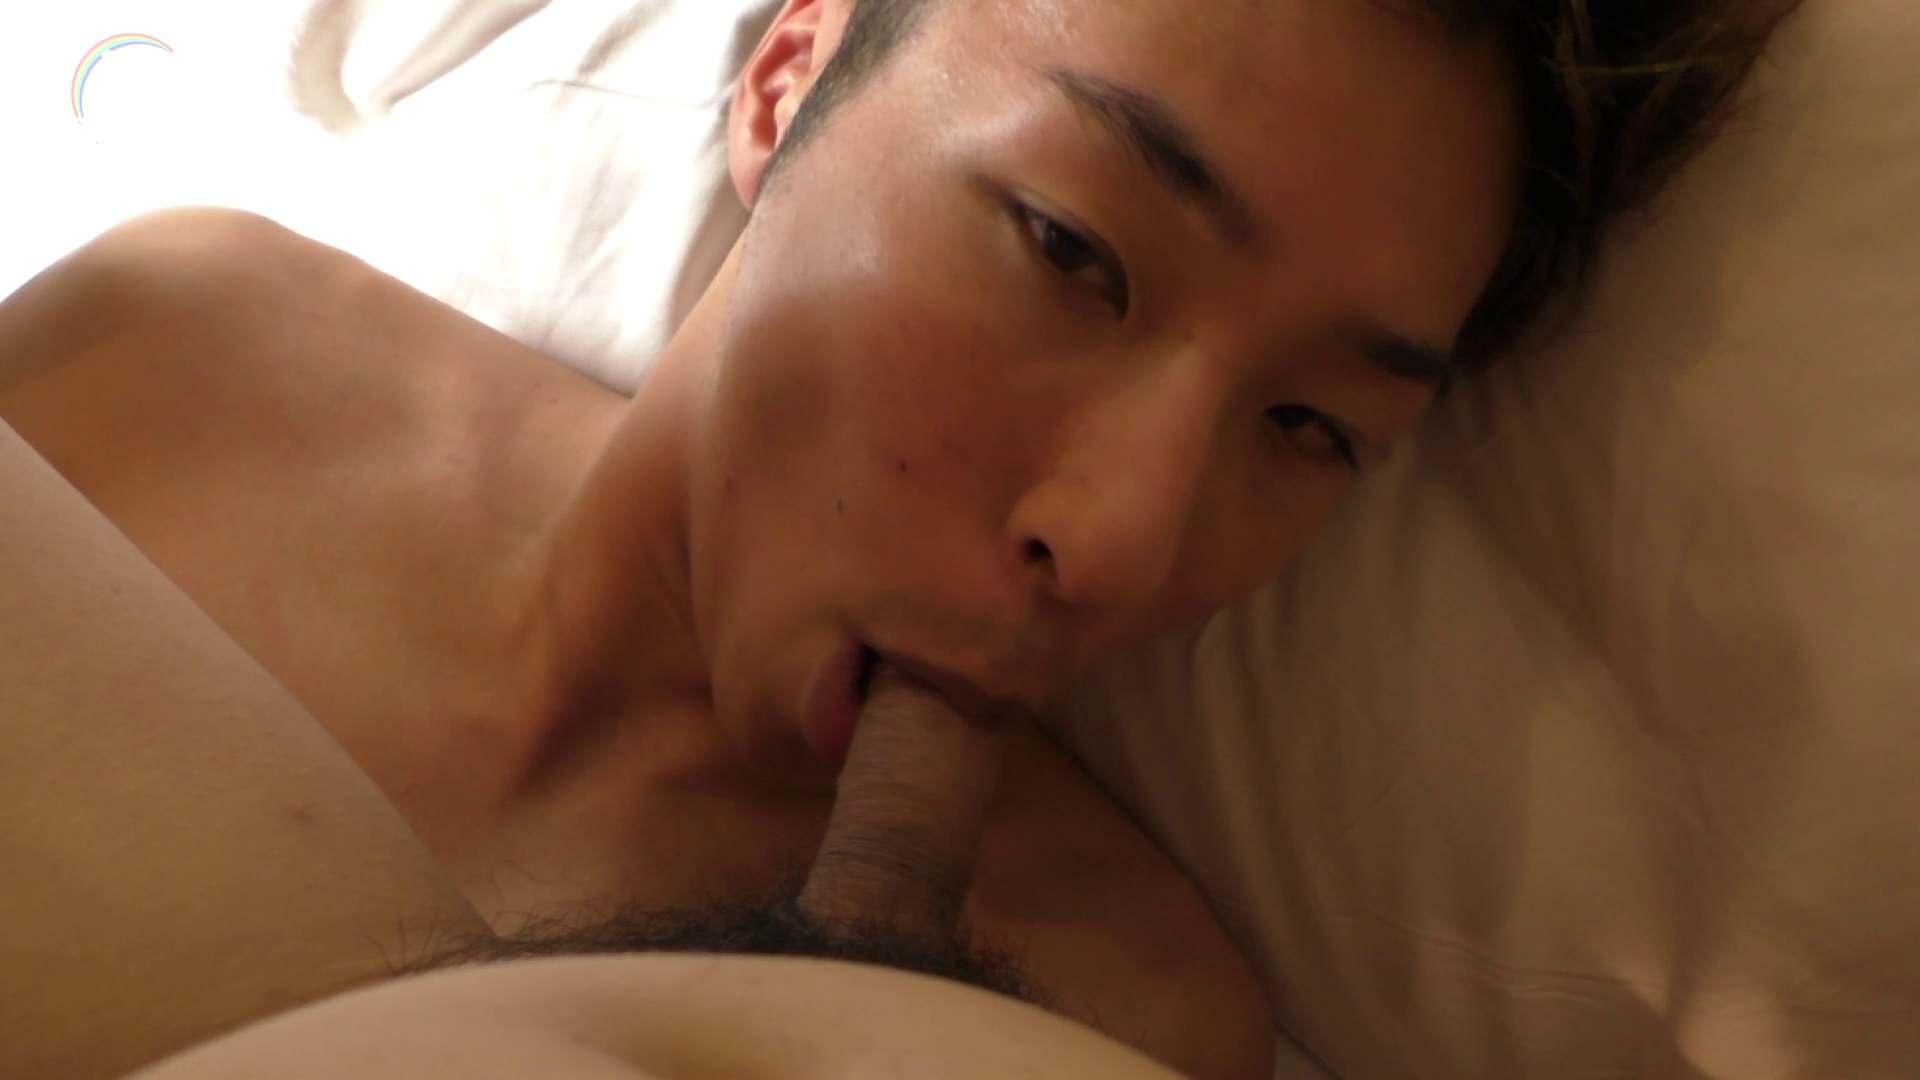 デカチン探偵かしこまりpart2 No.08 男のゲイ天国 ゲイSEX画像 10枚 8